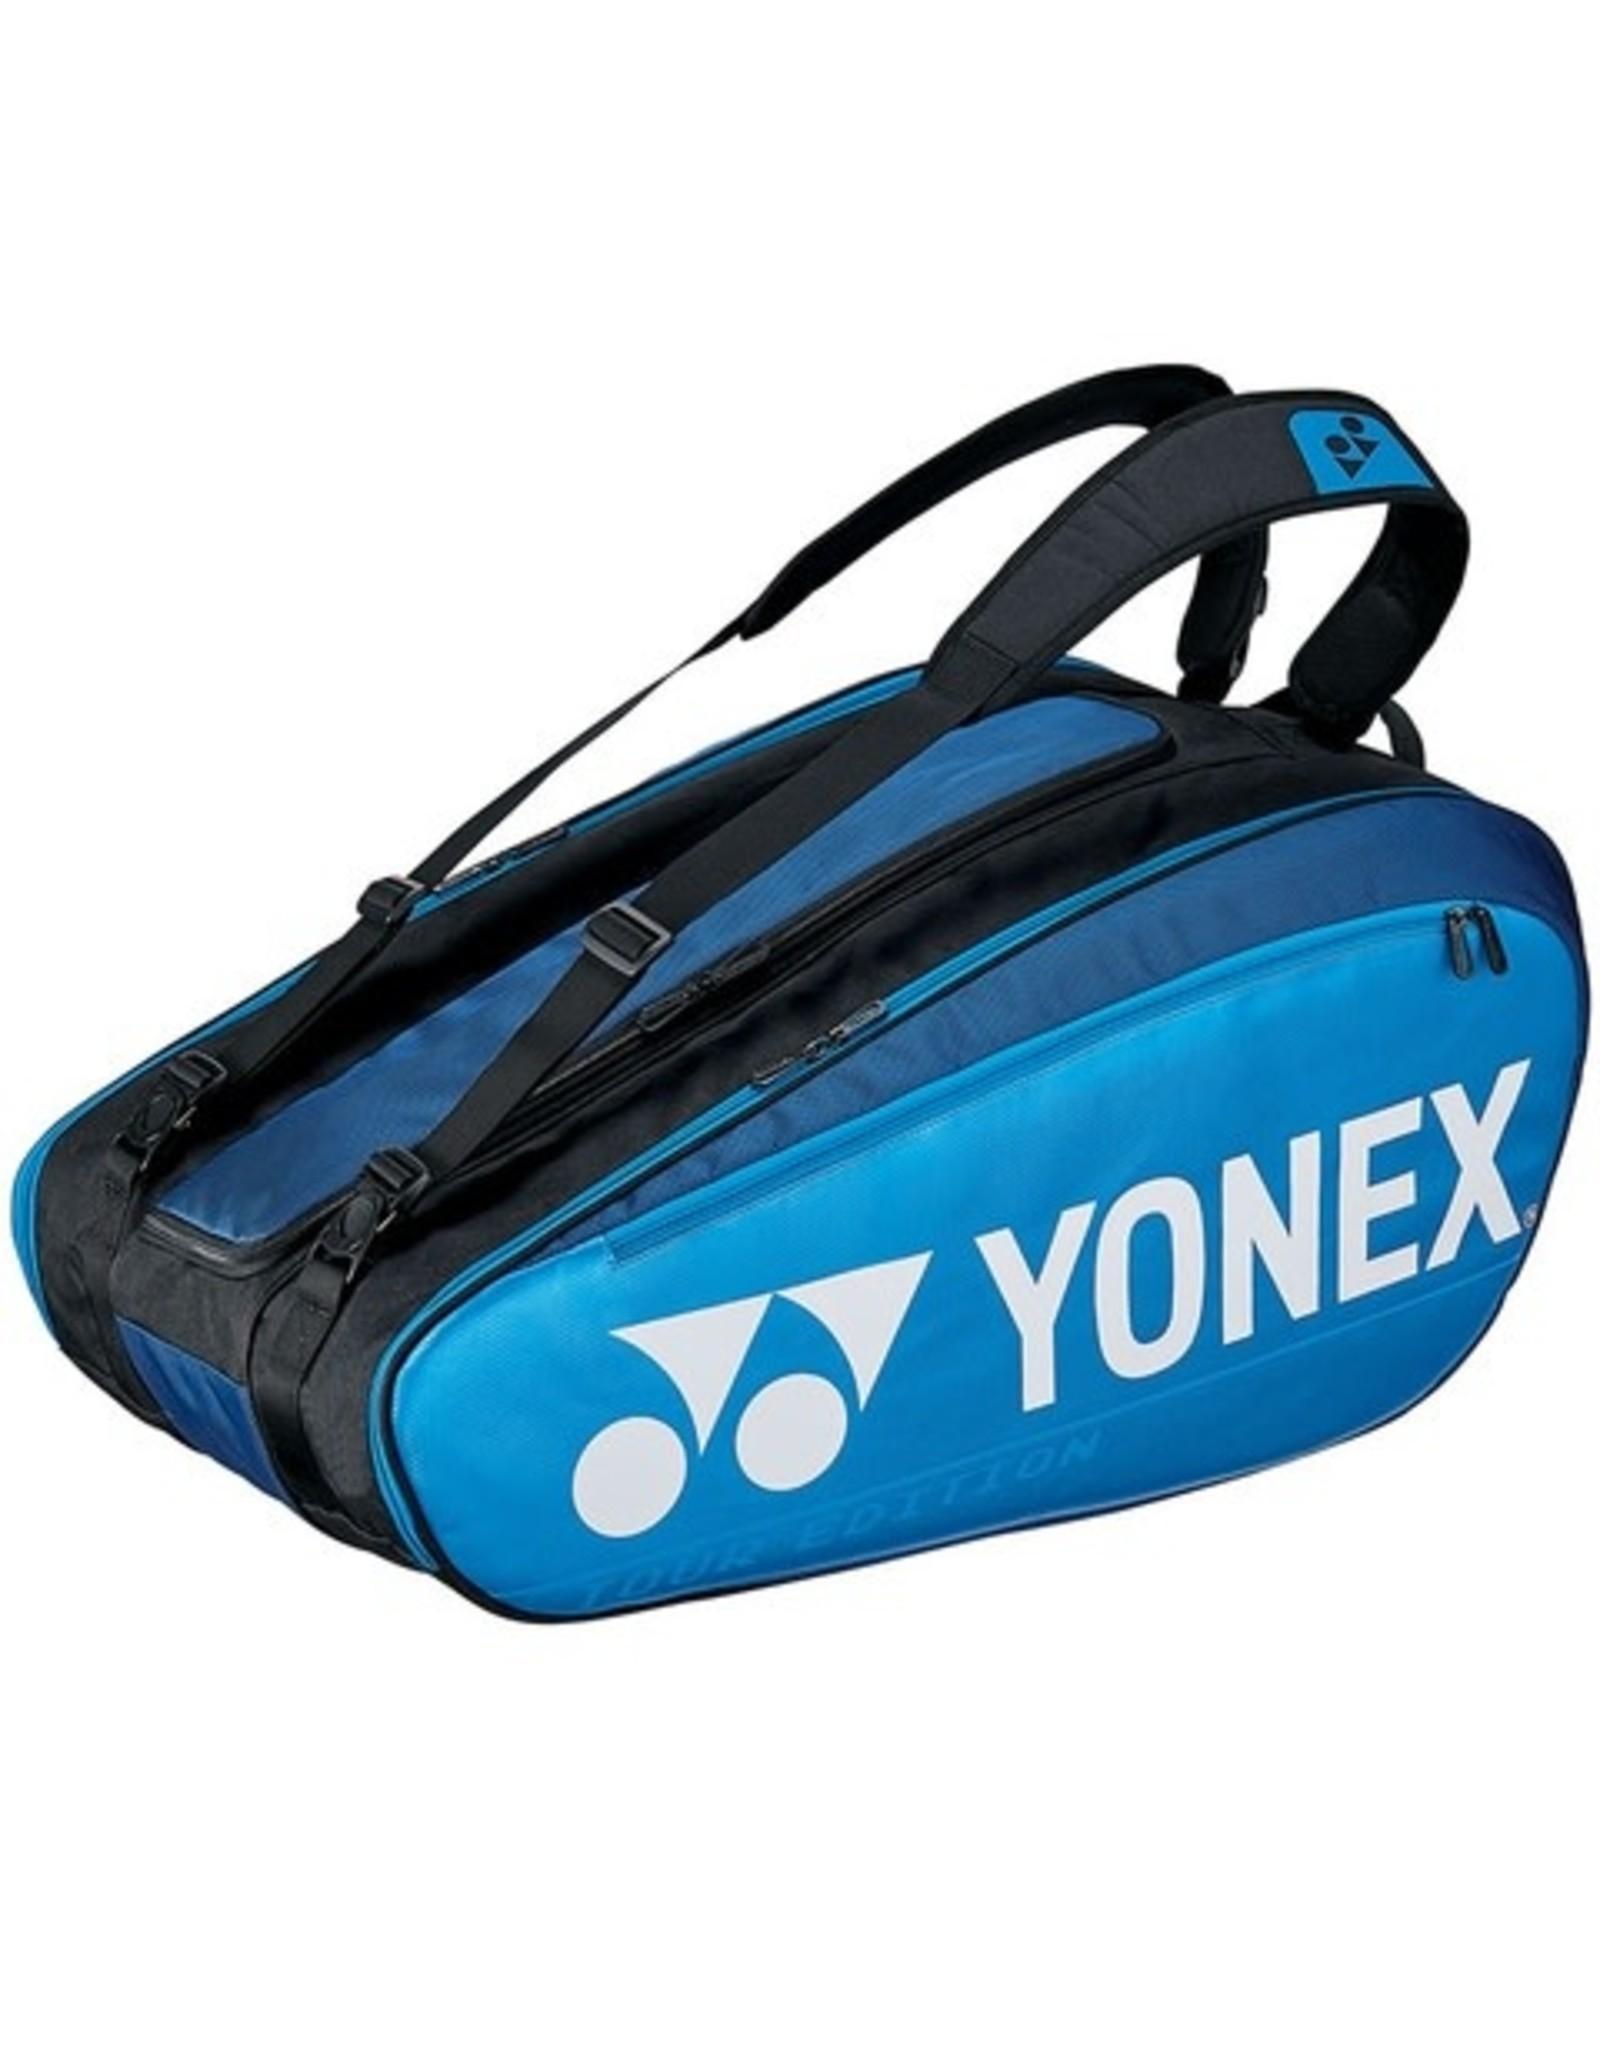 Yonex Yonex Pro Racquet Bag 12pck